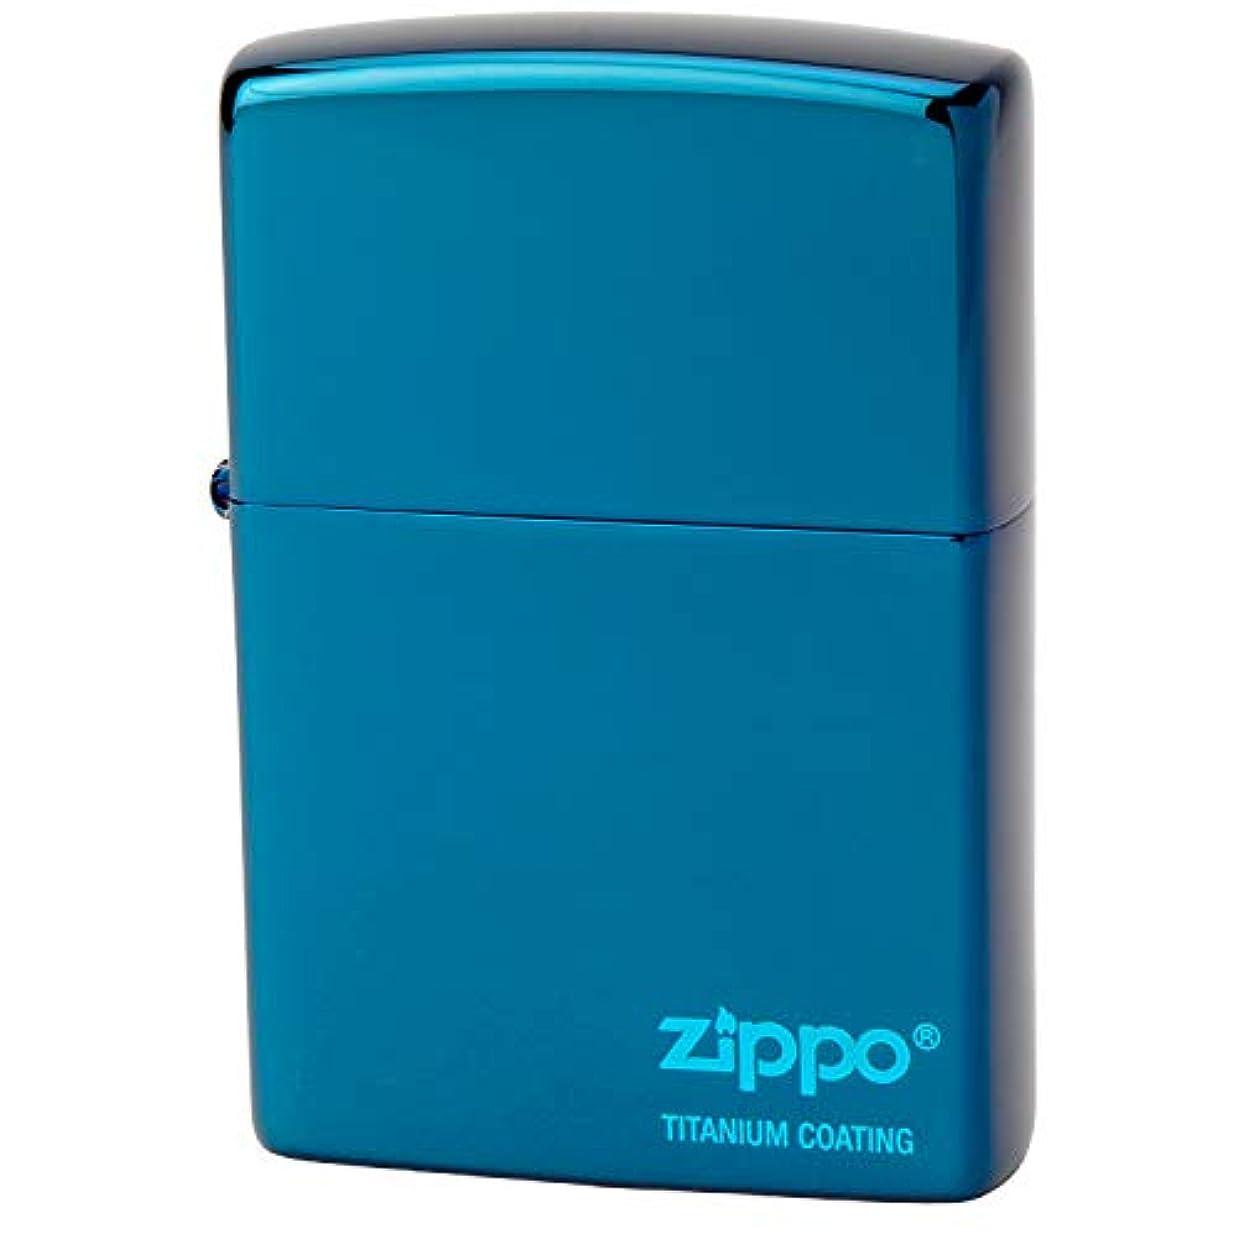 悪党賞賛透明にZIPPO(ジッポー) ライター ブルー 片面彫刻 チタンコーティング ブルー ロゴ 高さ5.5cm×幅3.8cm×奥行き1.3cm